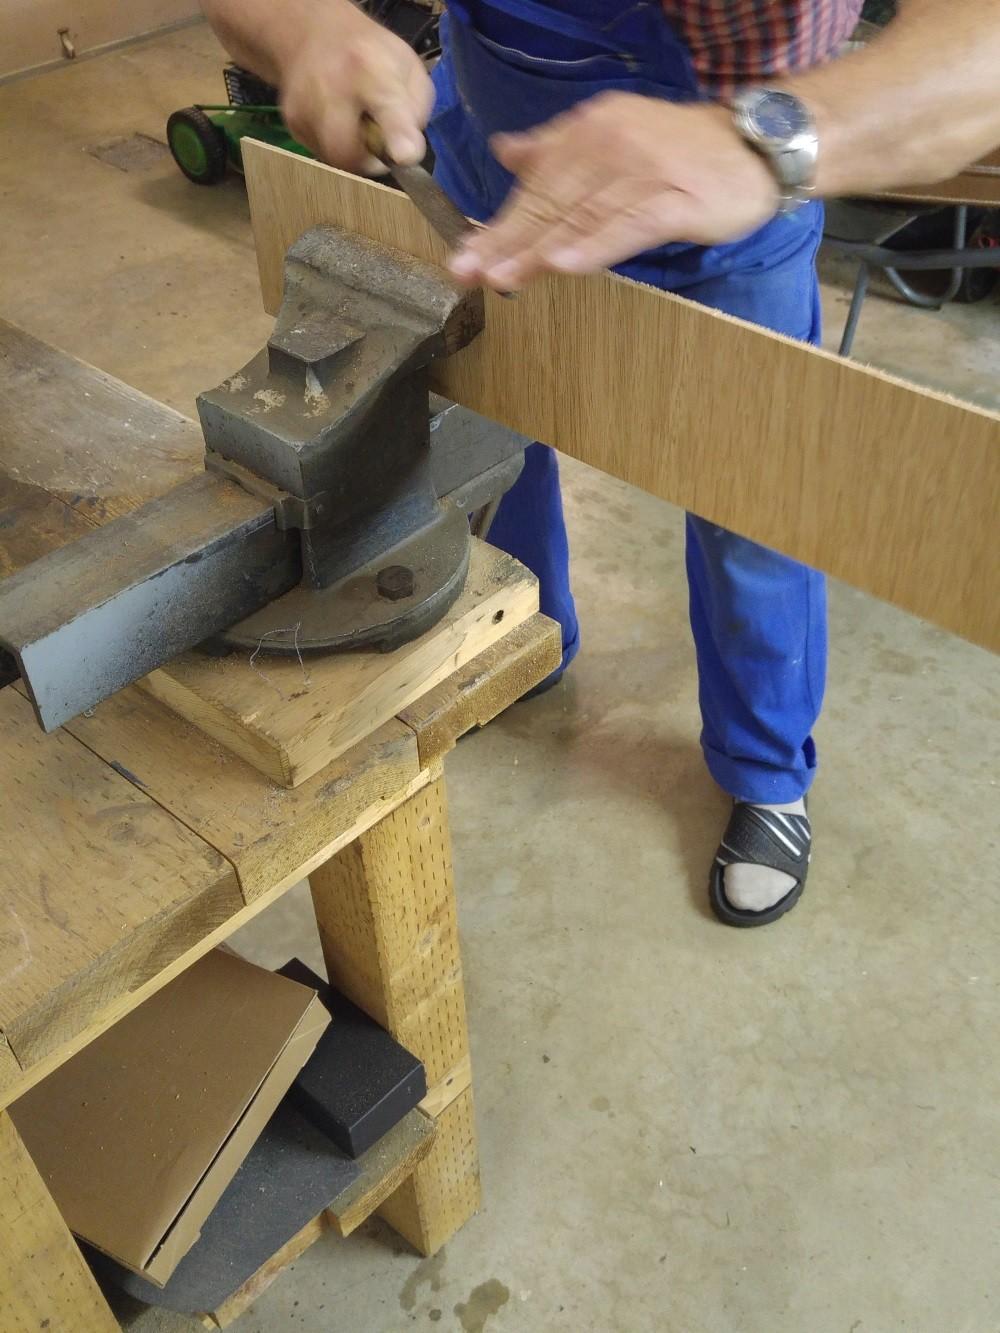 Holz passend zurechtsägen, damit der Koffer eine Einteilung bekommt.